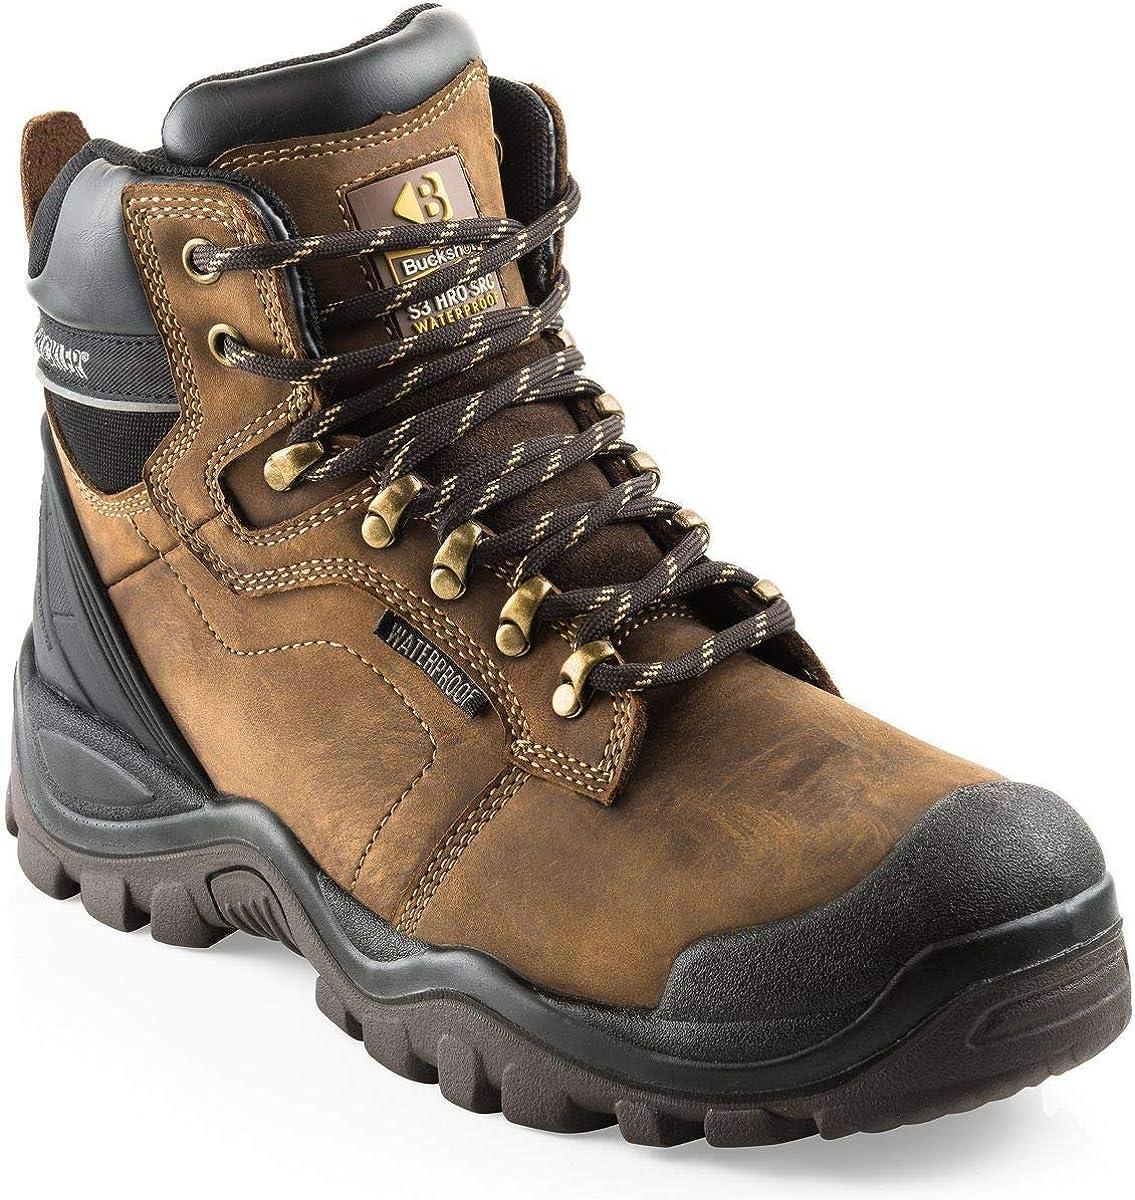 Buckler BSH009BR Buckshot Dark Brown Lace Work Safety Boots UK Sizes 6 13